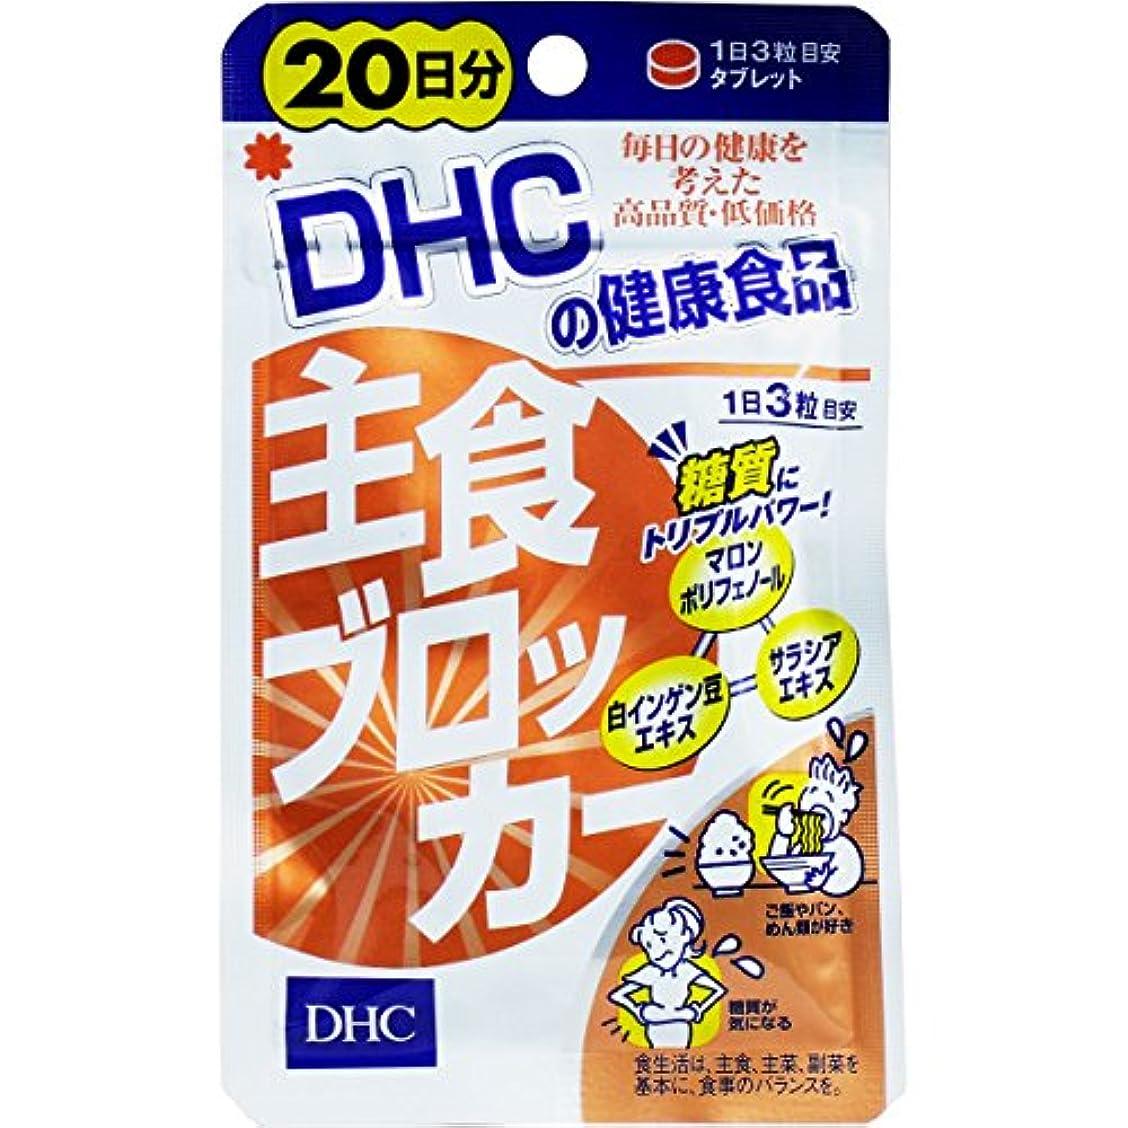 外側スペシャリスト臨検ダイエット トリプルパワーでため込み対策 栄養機能食品 DHC 主食ブロッカー 20日分 60粒入【5個セット】